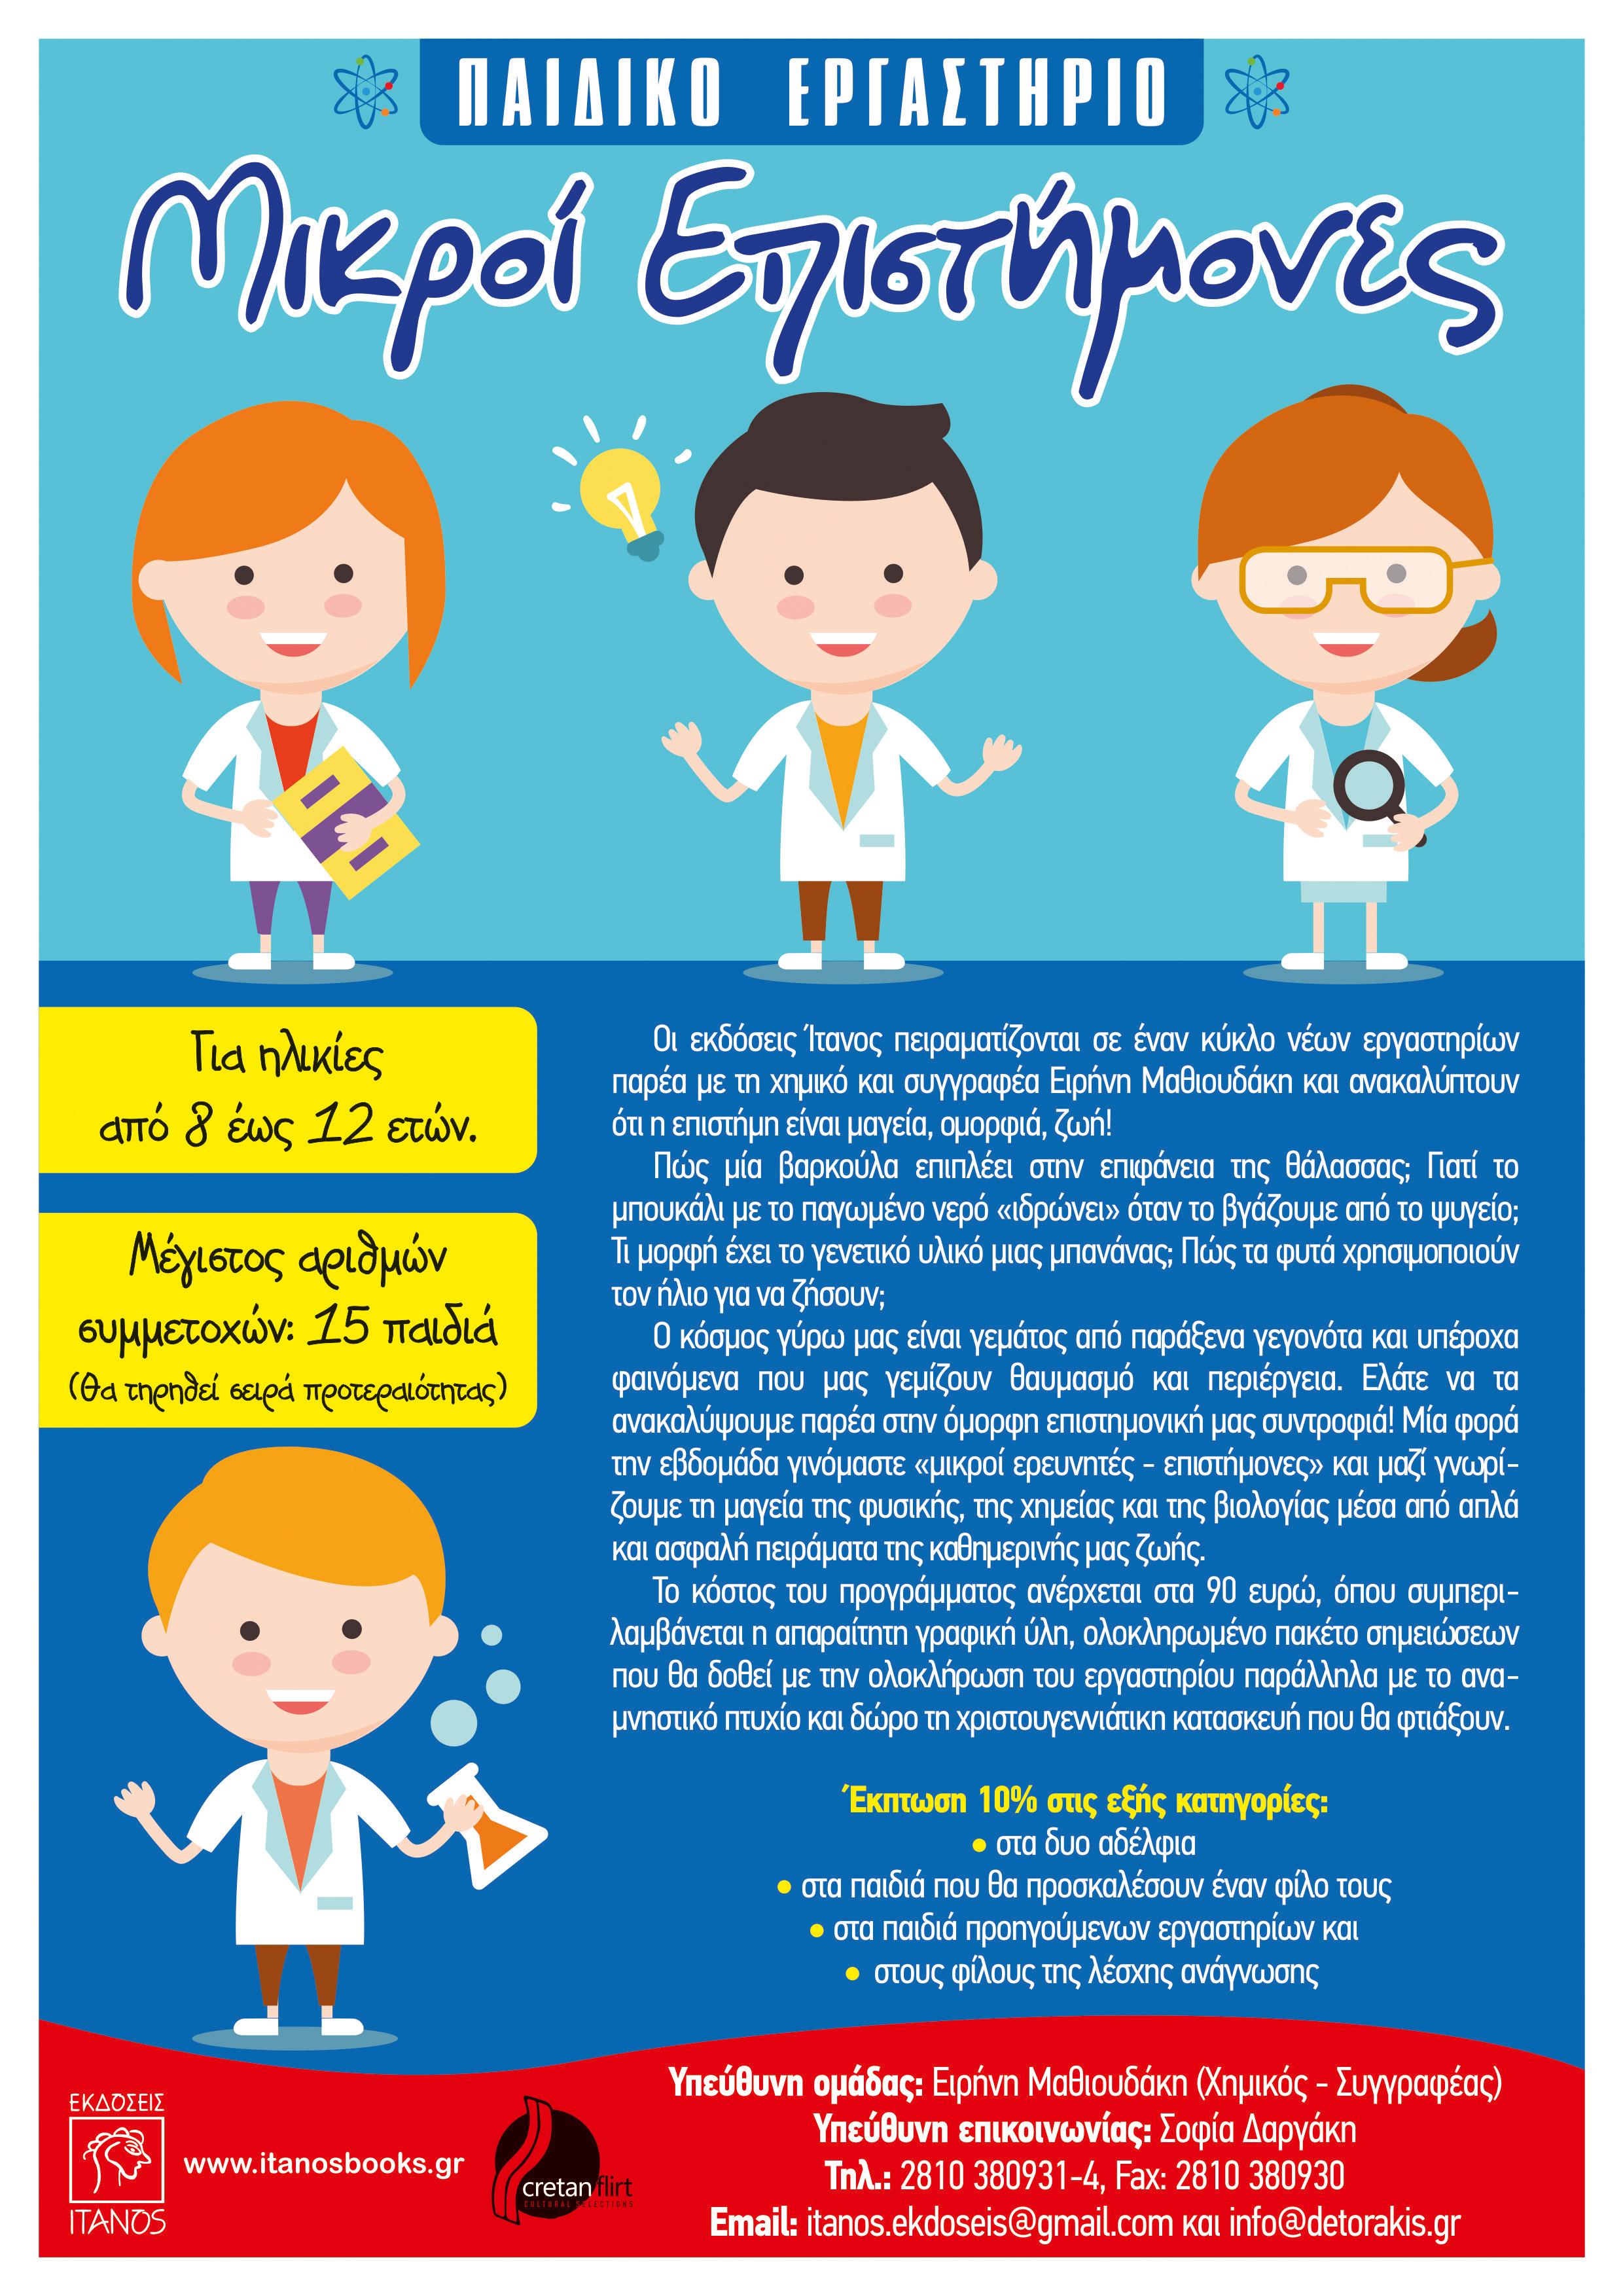 Μικροί Επιστήμονες 1